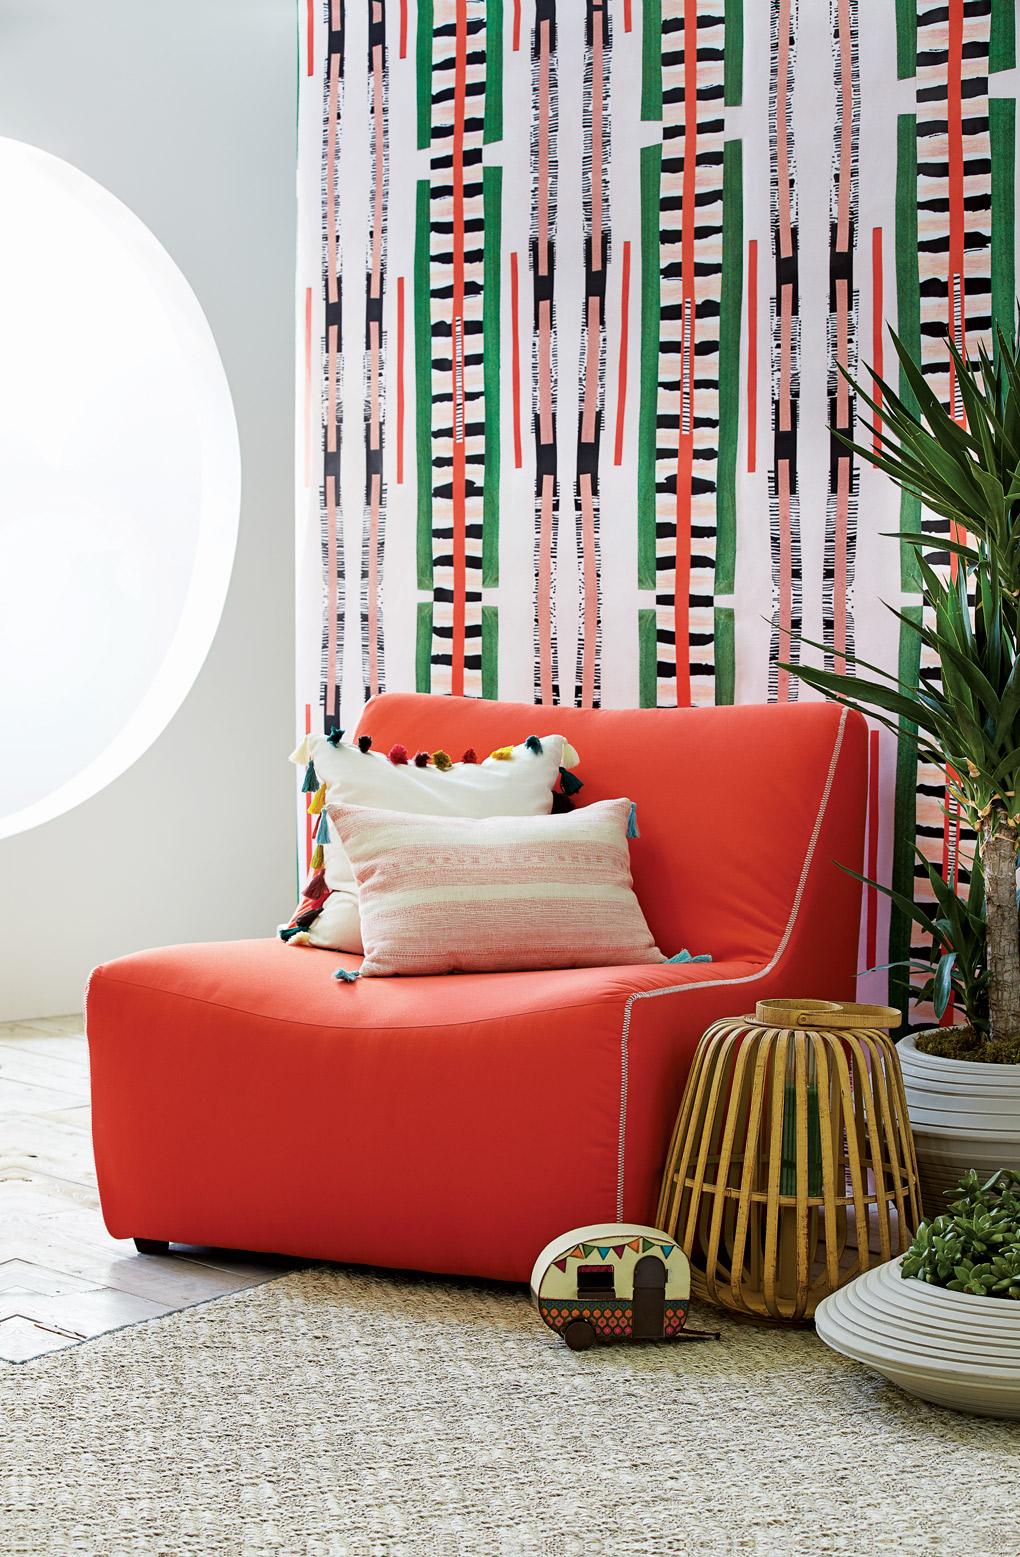 InHabit-Red-Chair_X